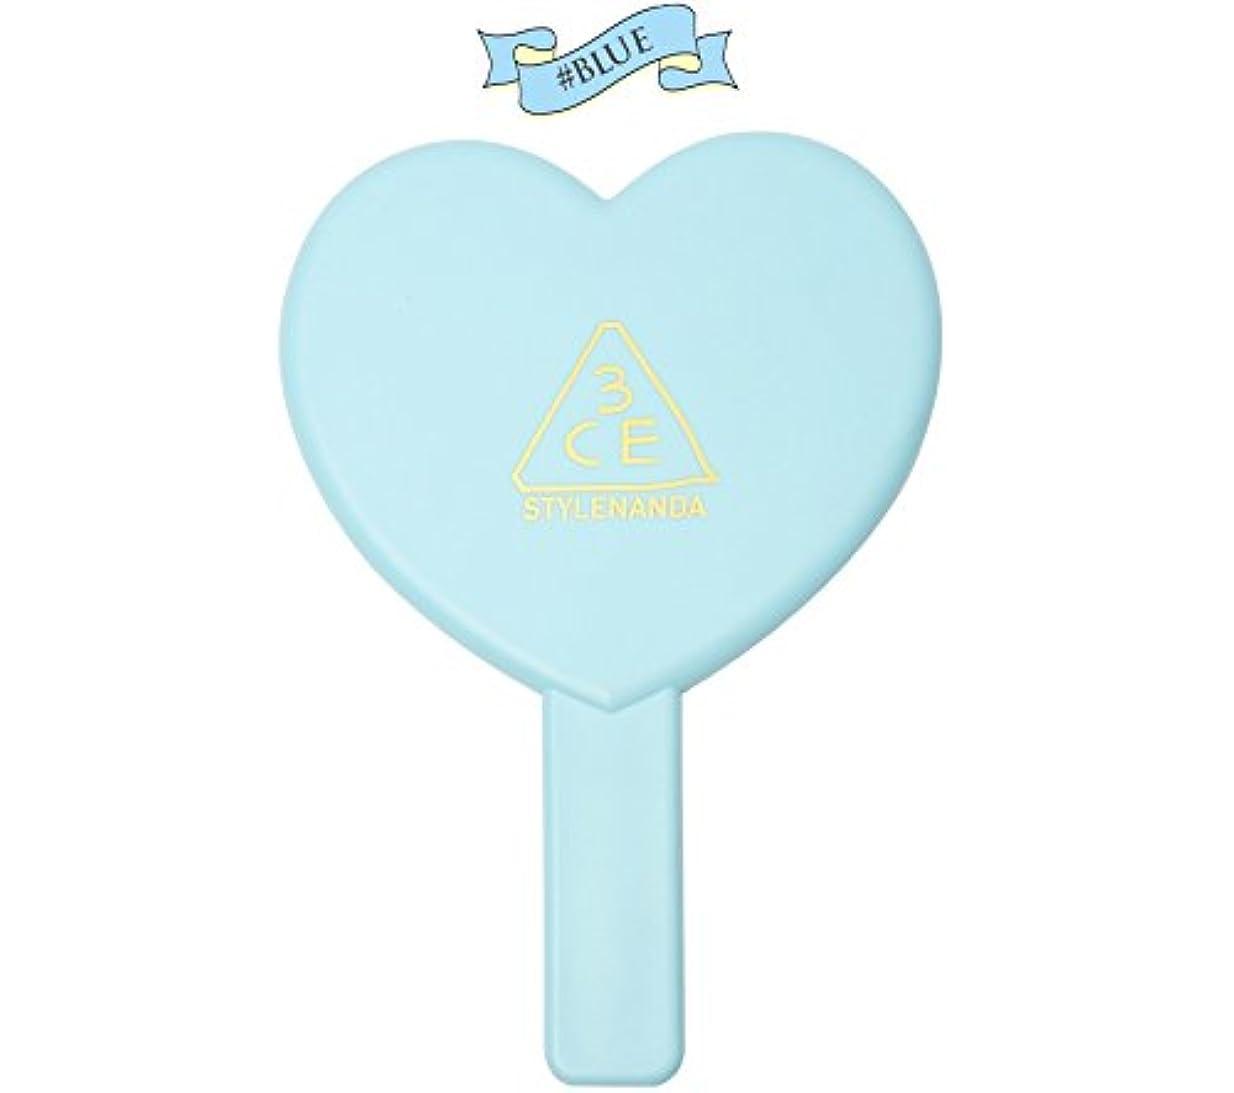 集計とまり木包囲3CE LOVE 3CE HEART HAND MIRROR (BLUE) / ラブ3CEハート?ハンド?ミラー (ブルー)[並行輸入品]